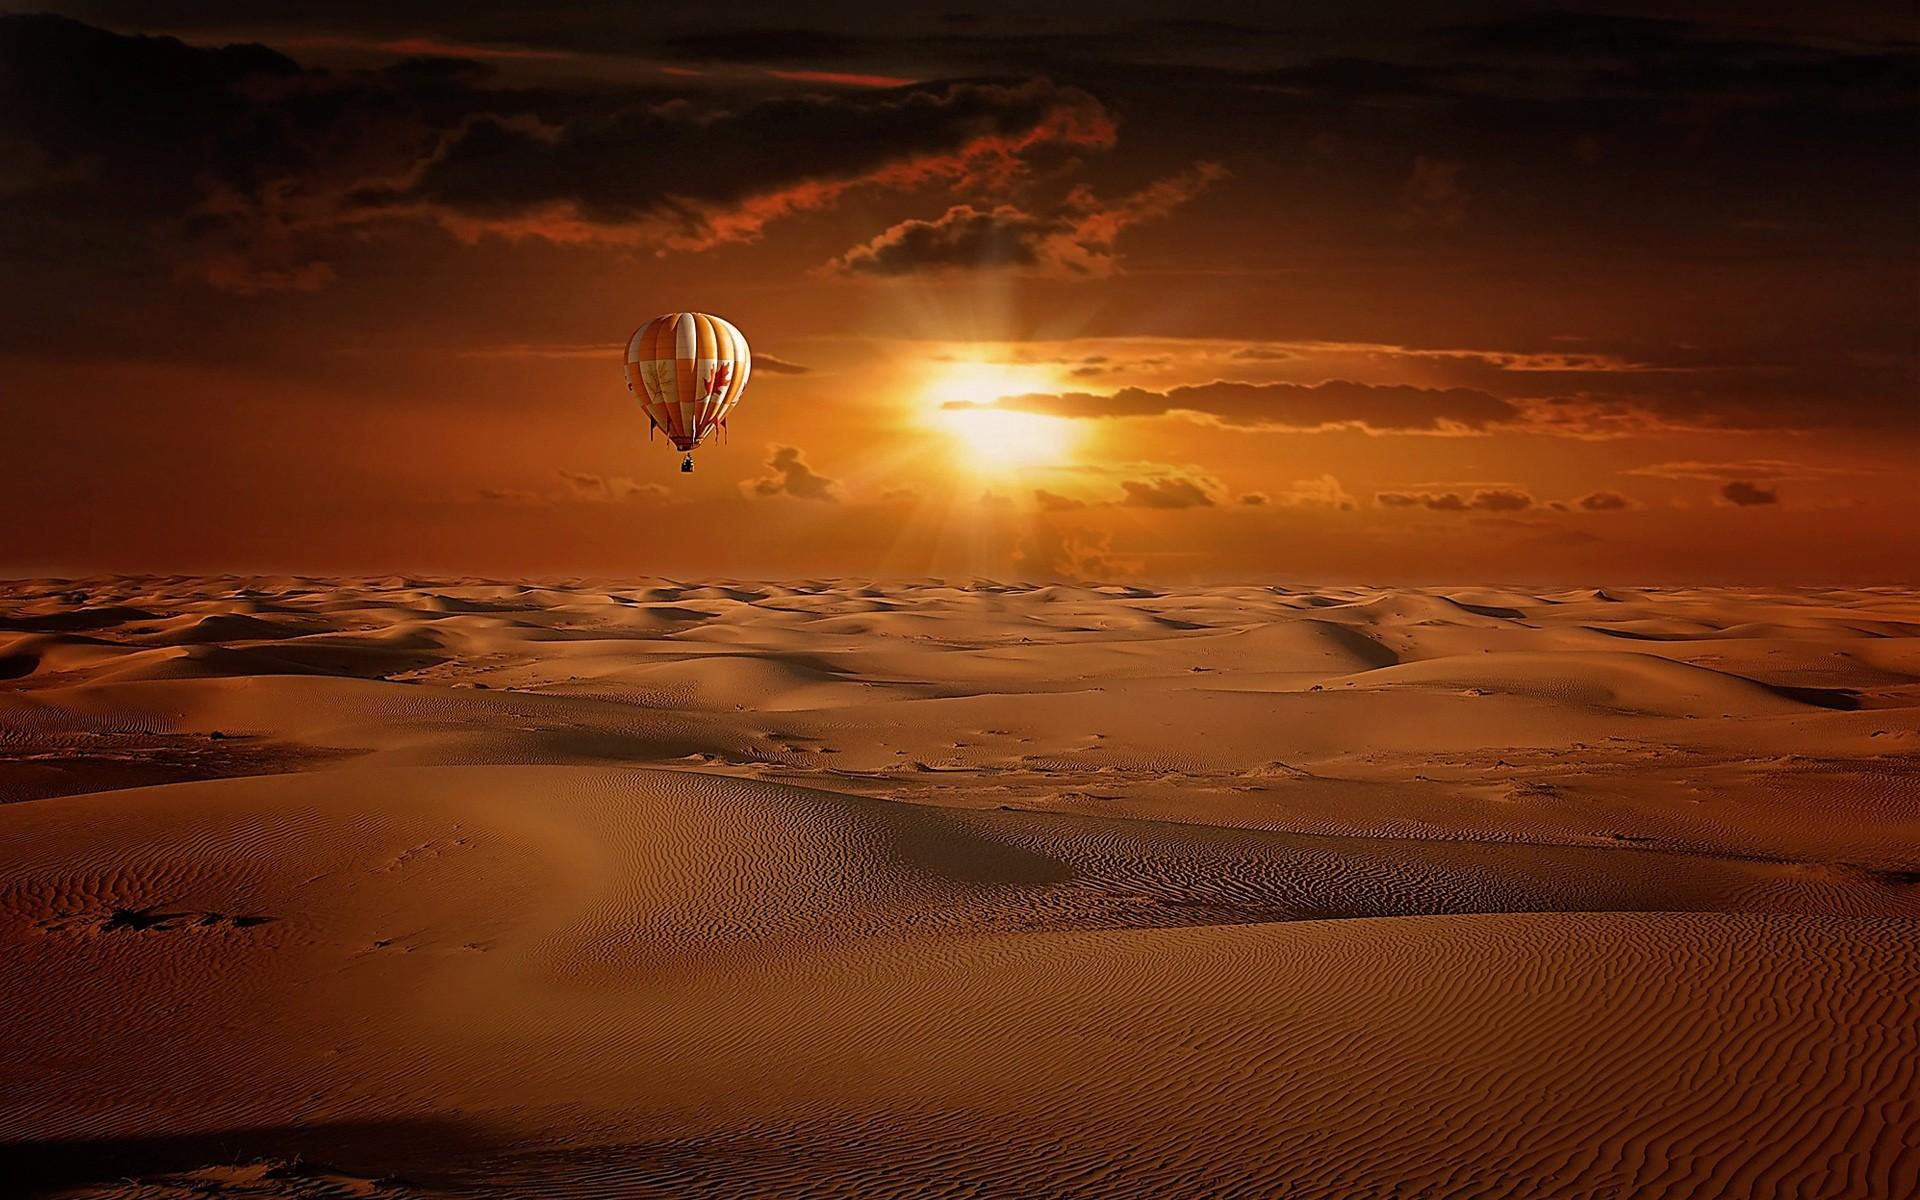 Hot Air Balloon Desert, HD Nature, 4k Wallpapers, Images ...